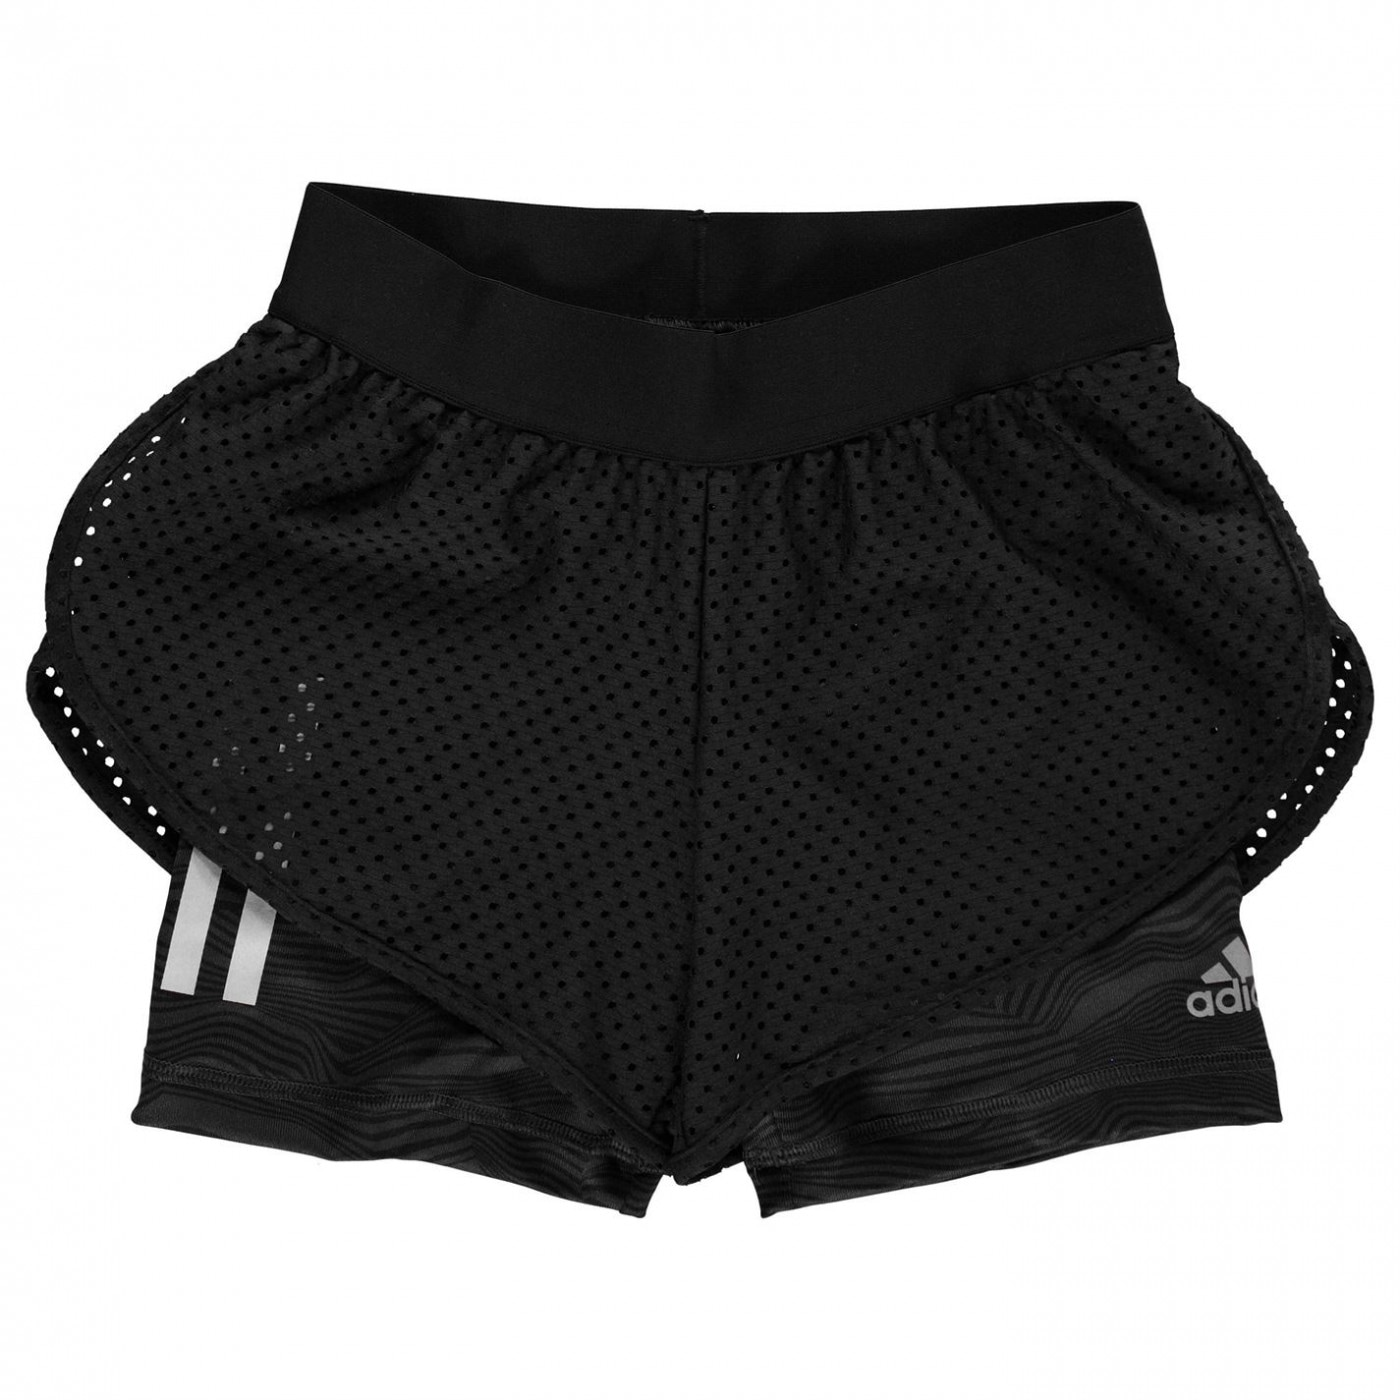 Adidas Run Shorts Junior Girls